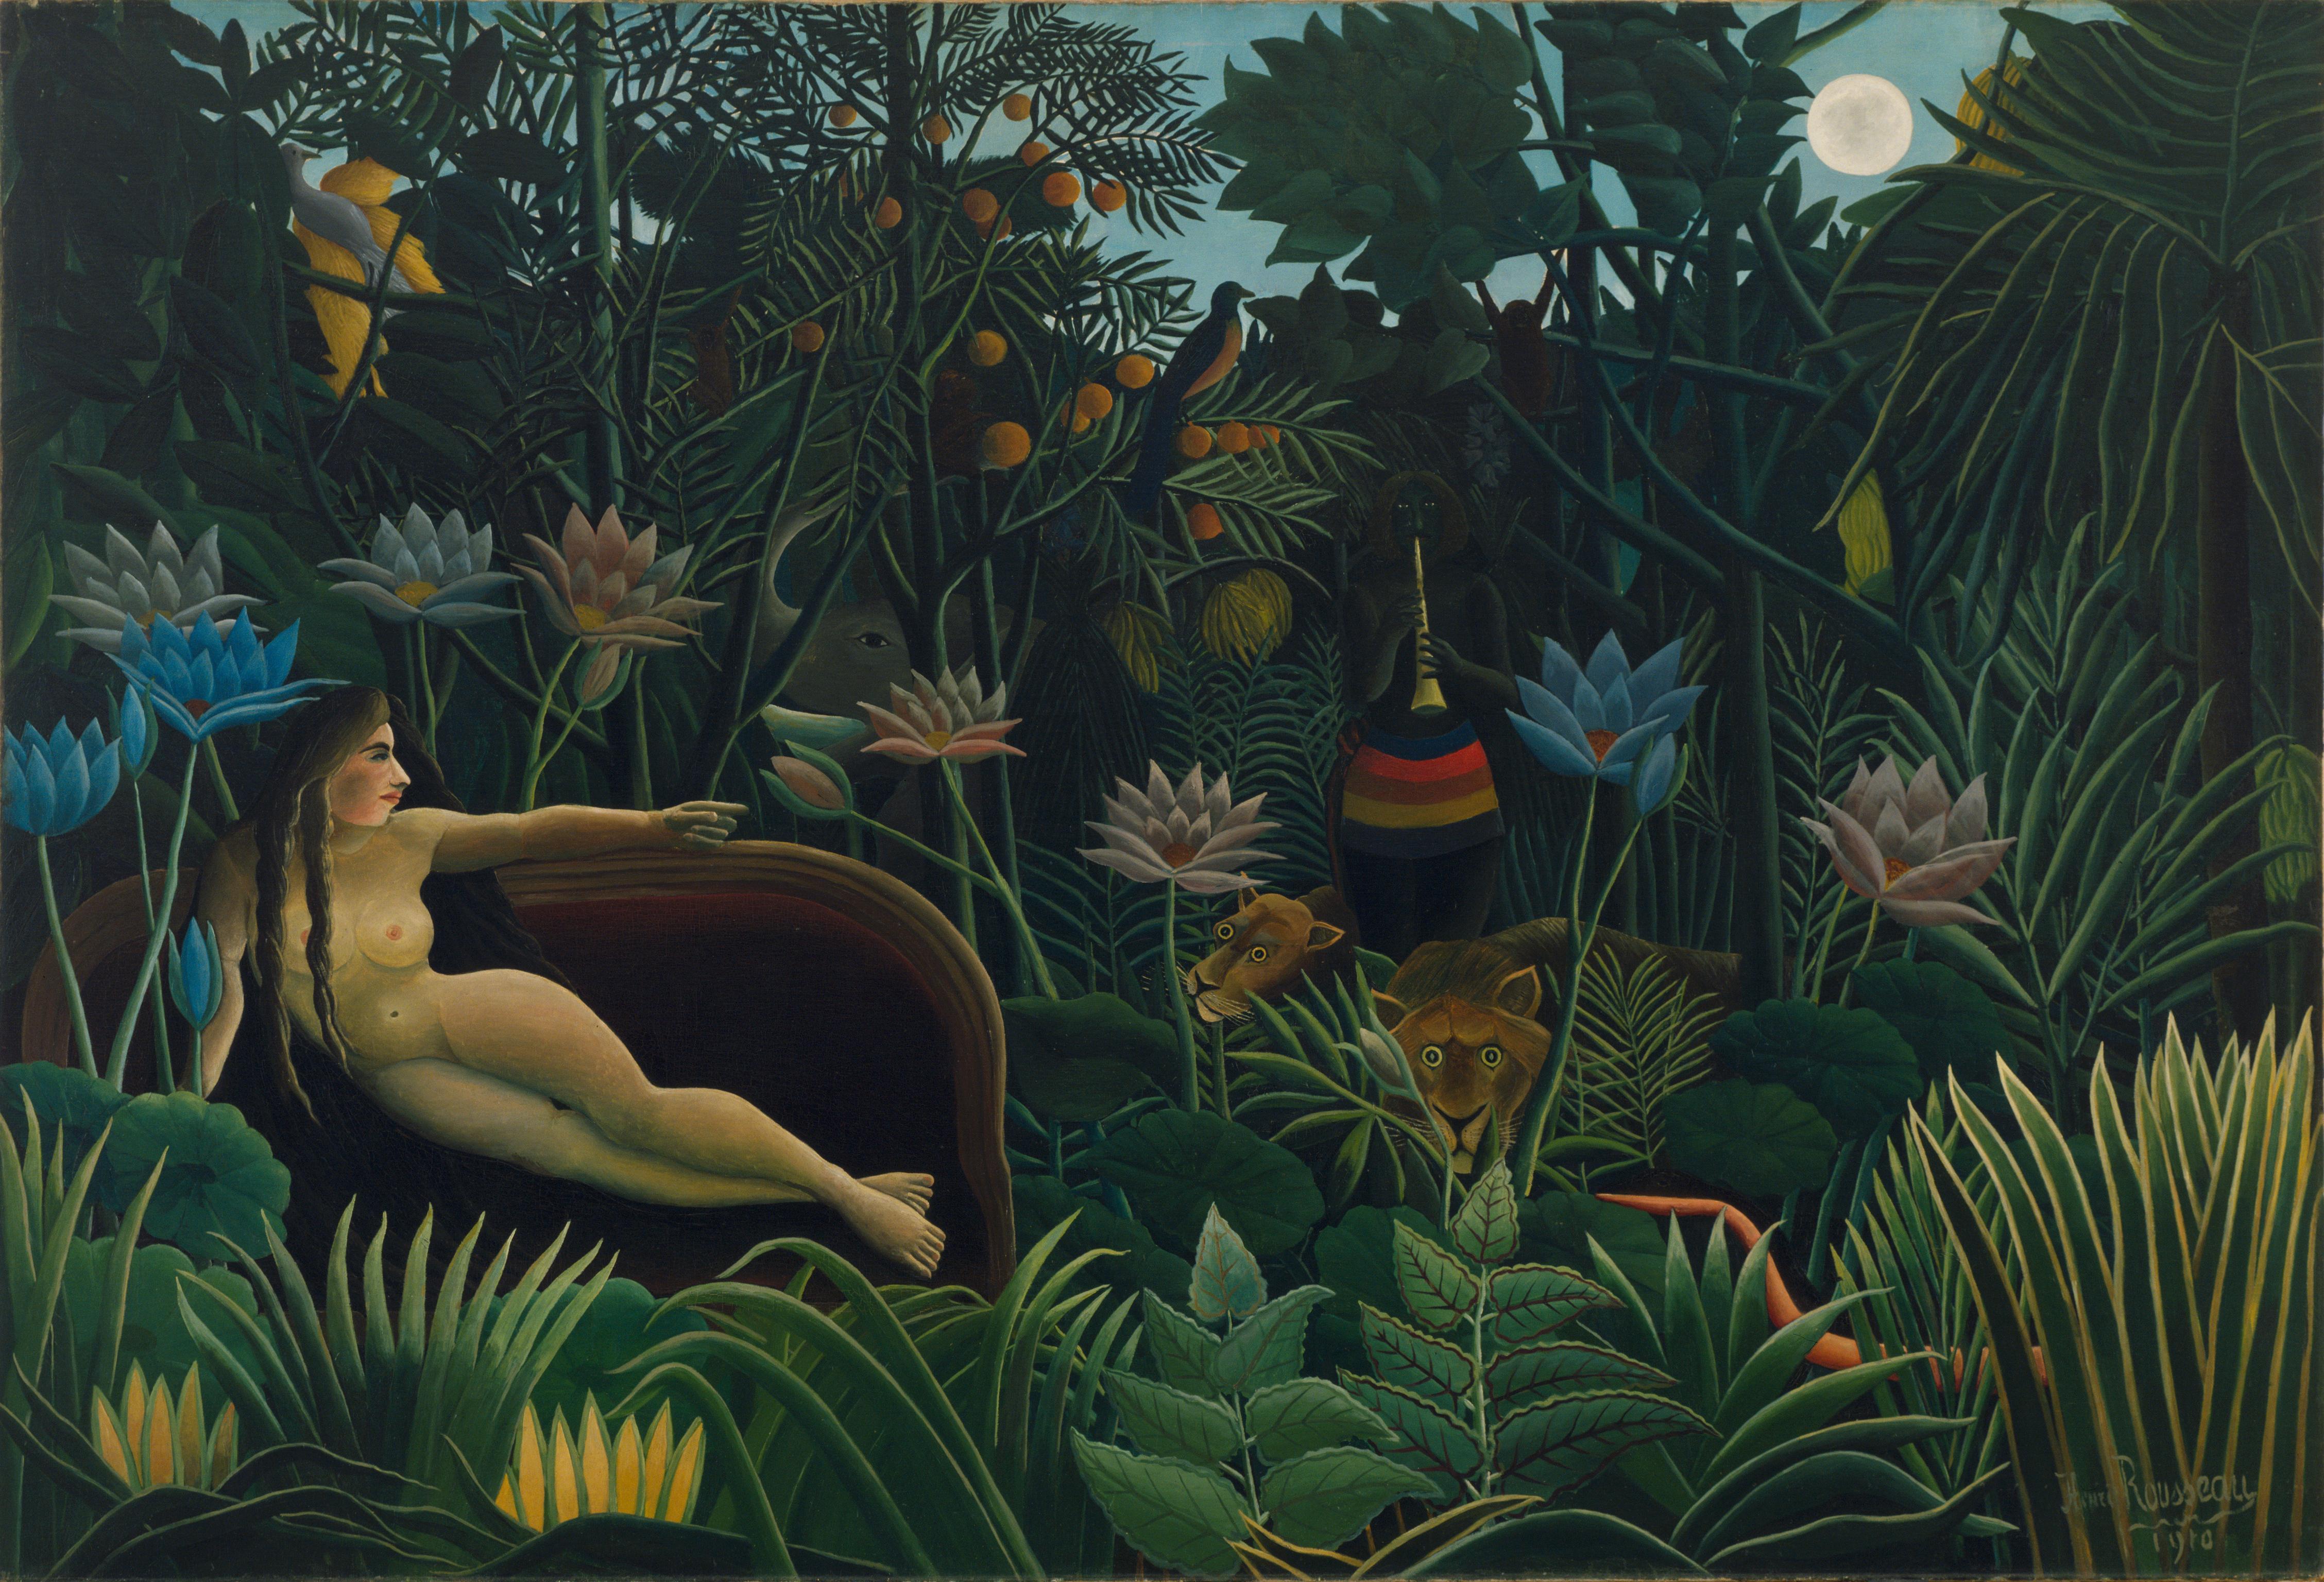 Le Reve-Henri Rousseau 1910